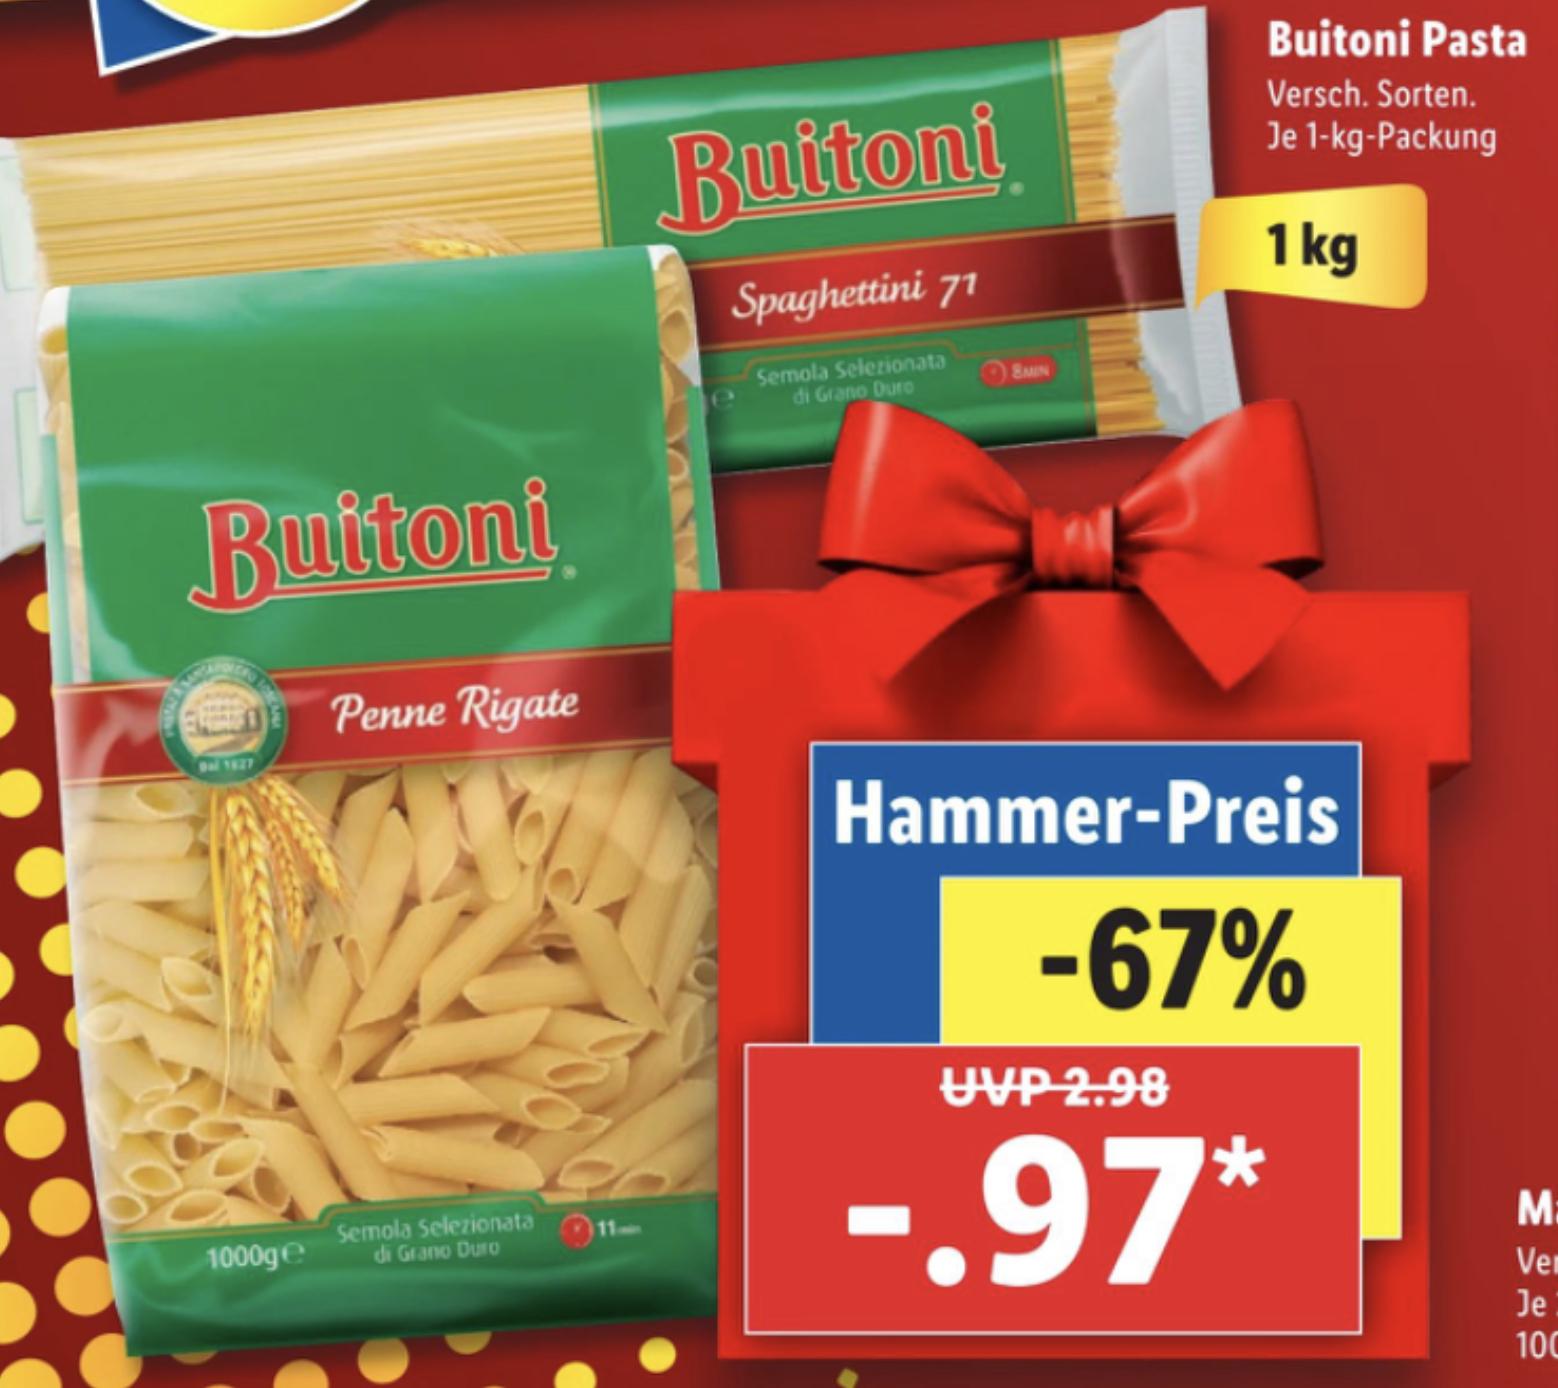 Buitoni Pasta versch. Sorten je 1kg Packung nur 0,97€ / Valensina Saft 1 Liter versch. Sorten für je 0,77€ / Norweg. Lachsfilet kg 11,98€